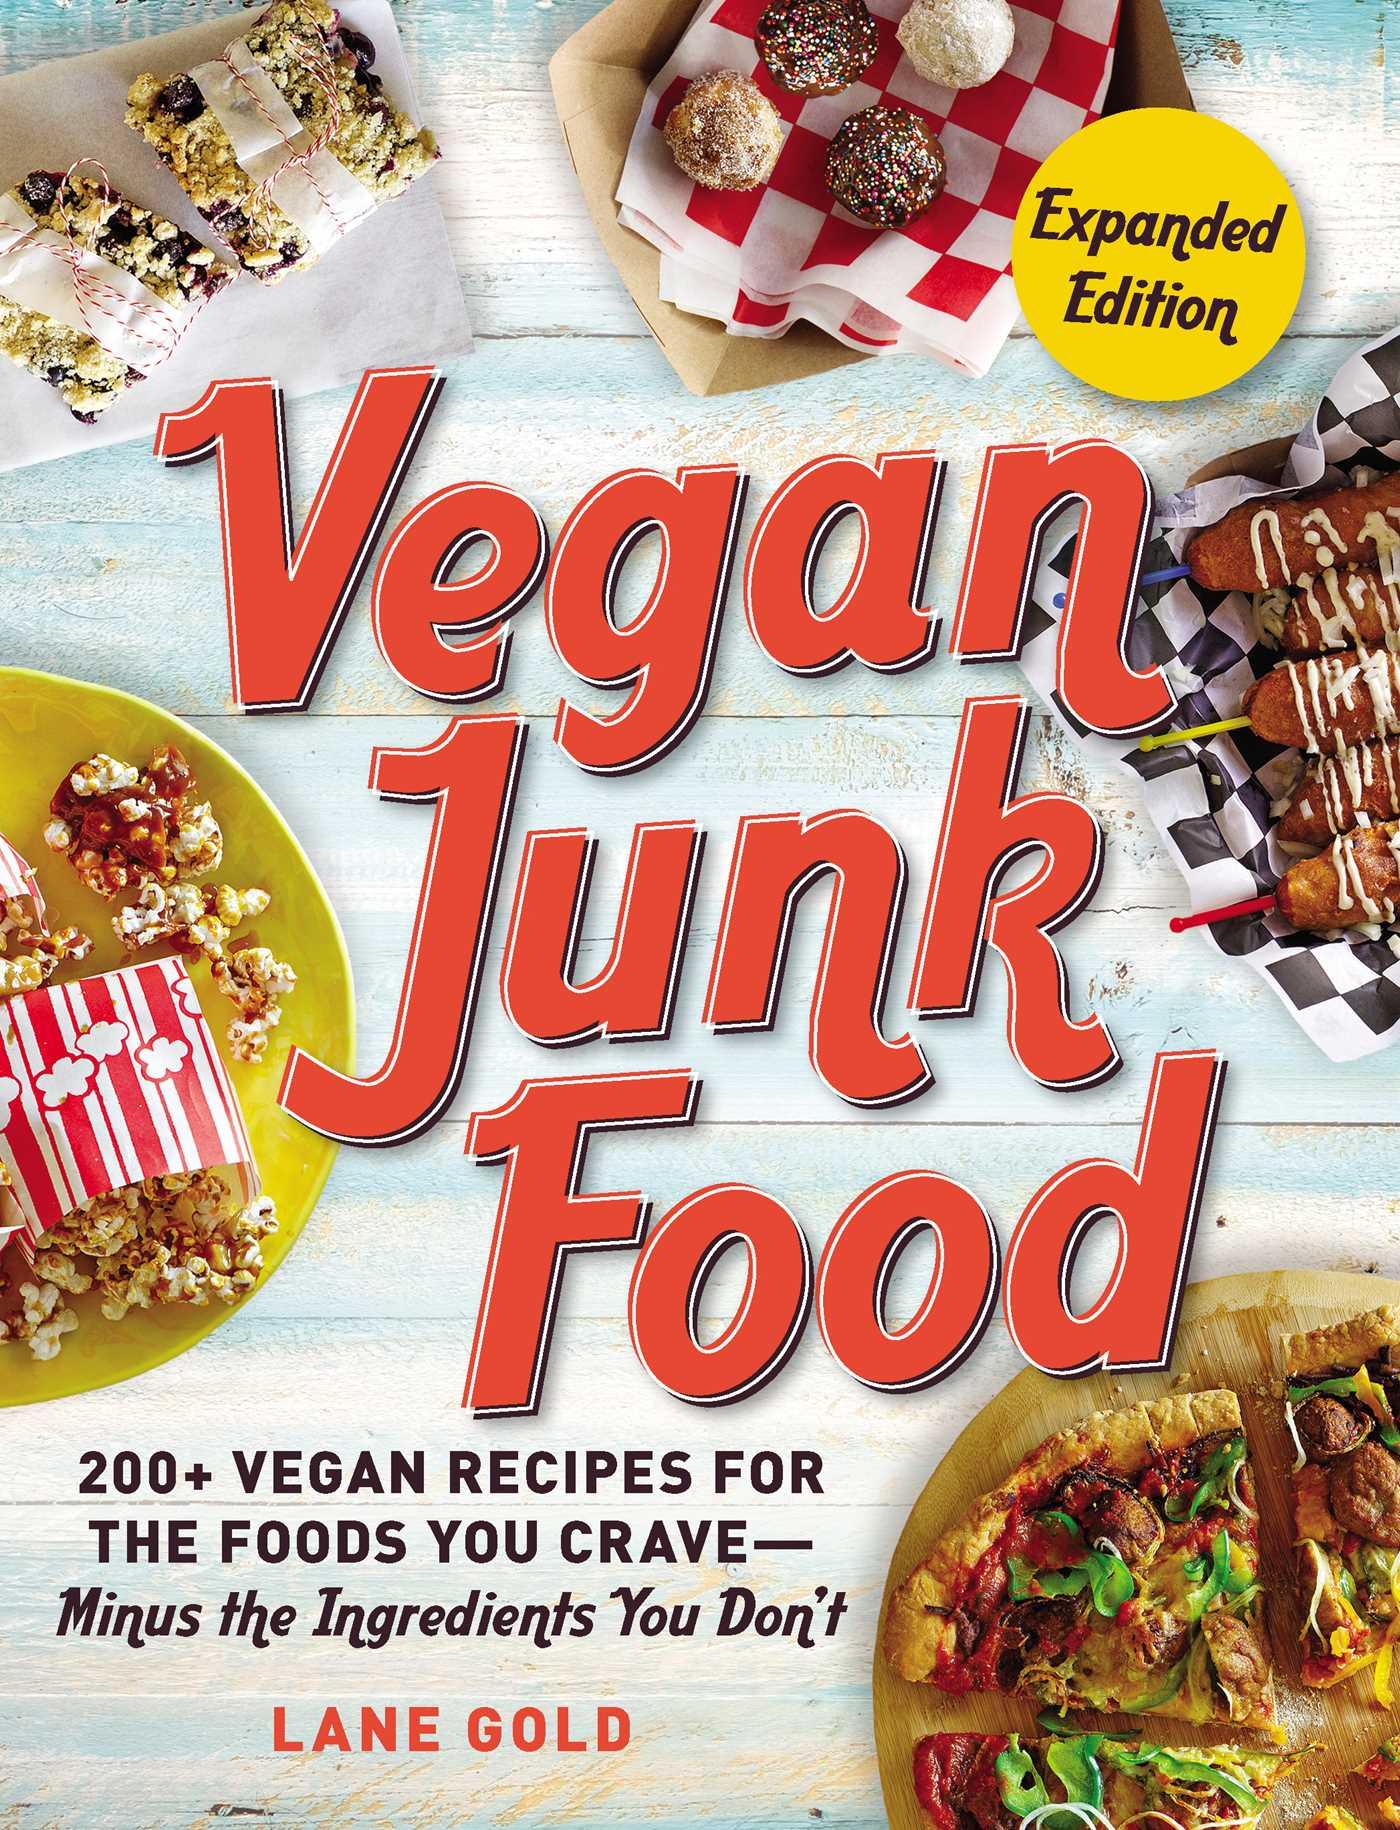 Vegan junk food expanded edition 9781507209035 hr